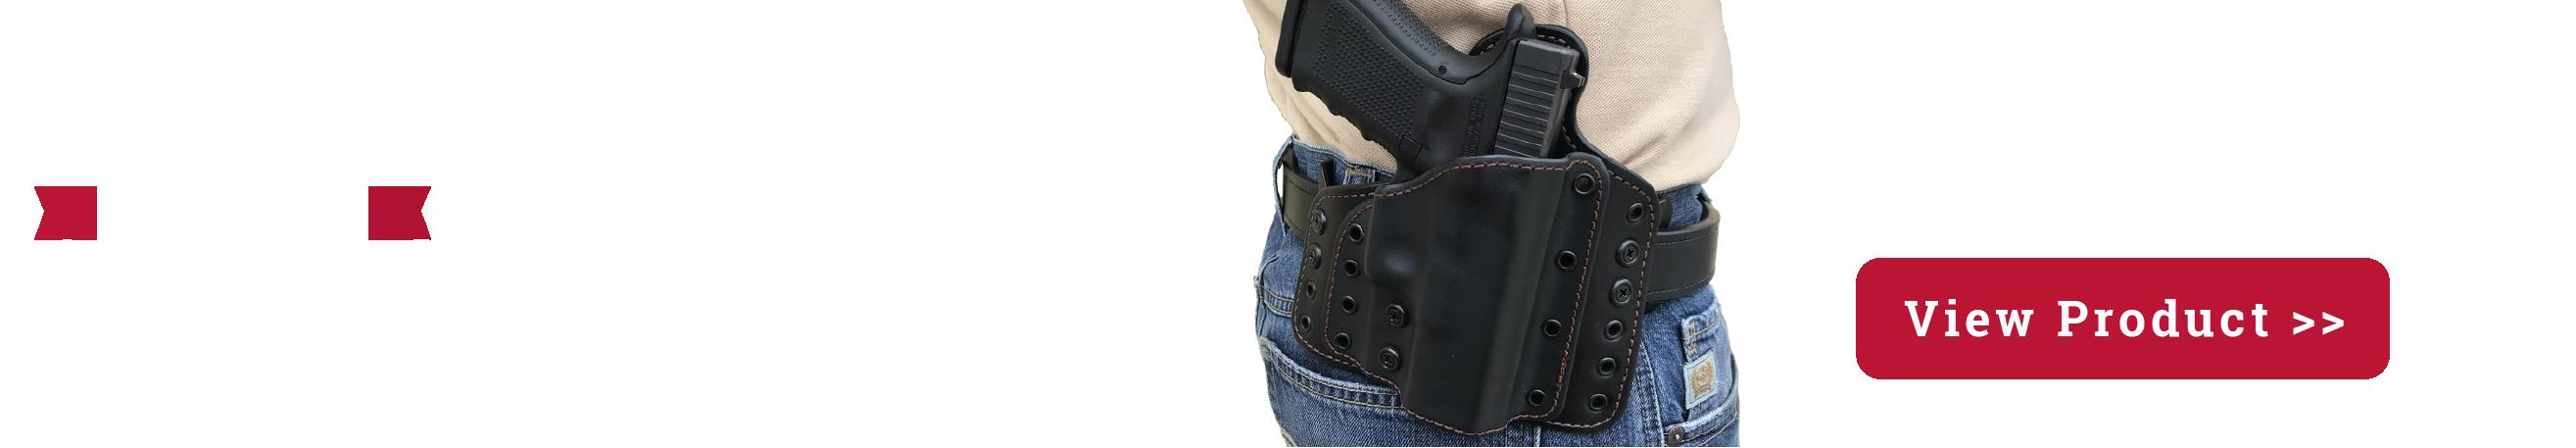 Leather Holsters | Custom Gun Holster | Tucker Gun Leather